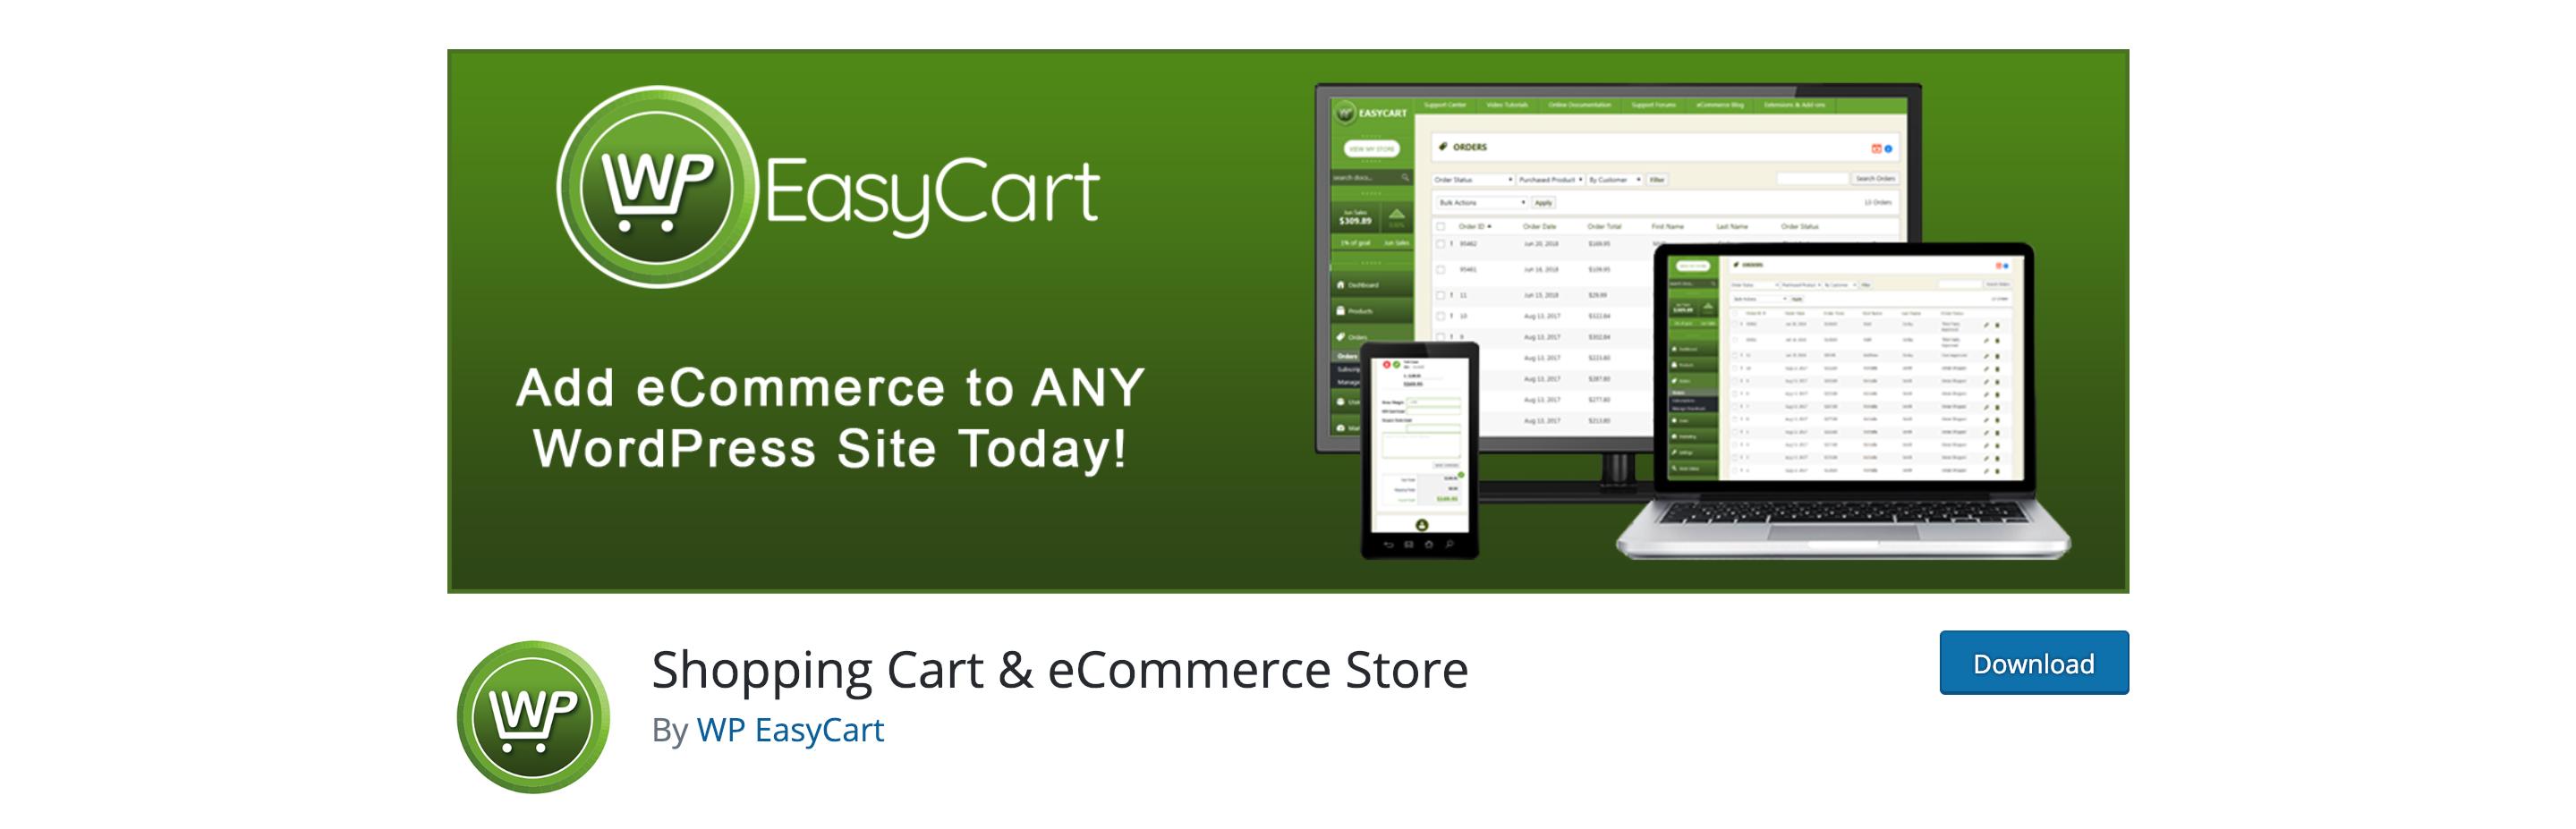 easy_cart